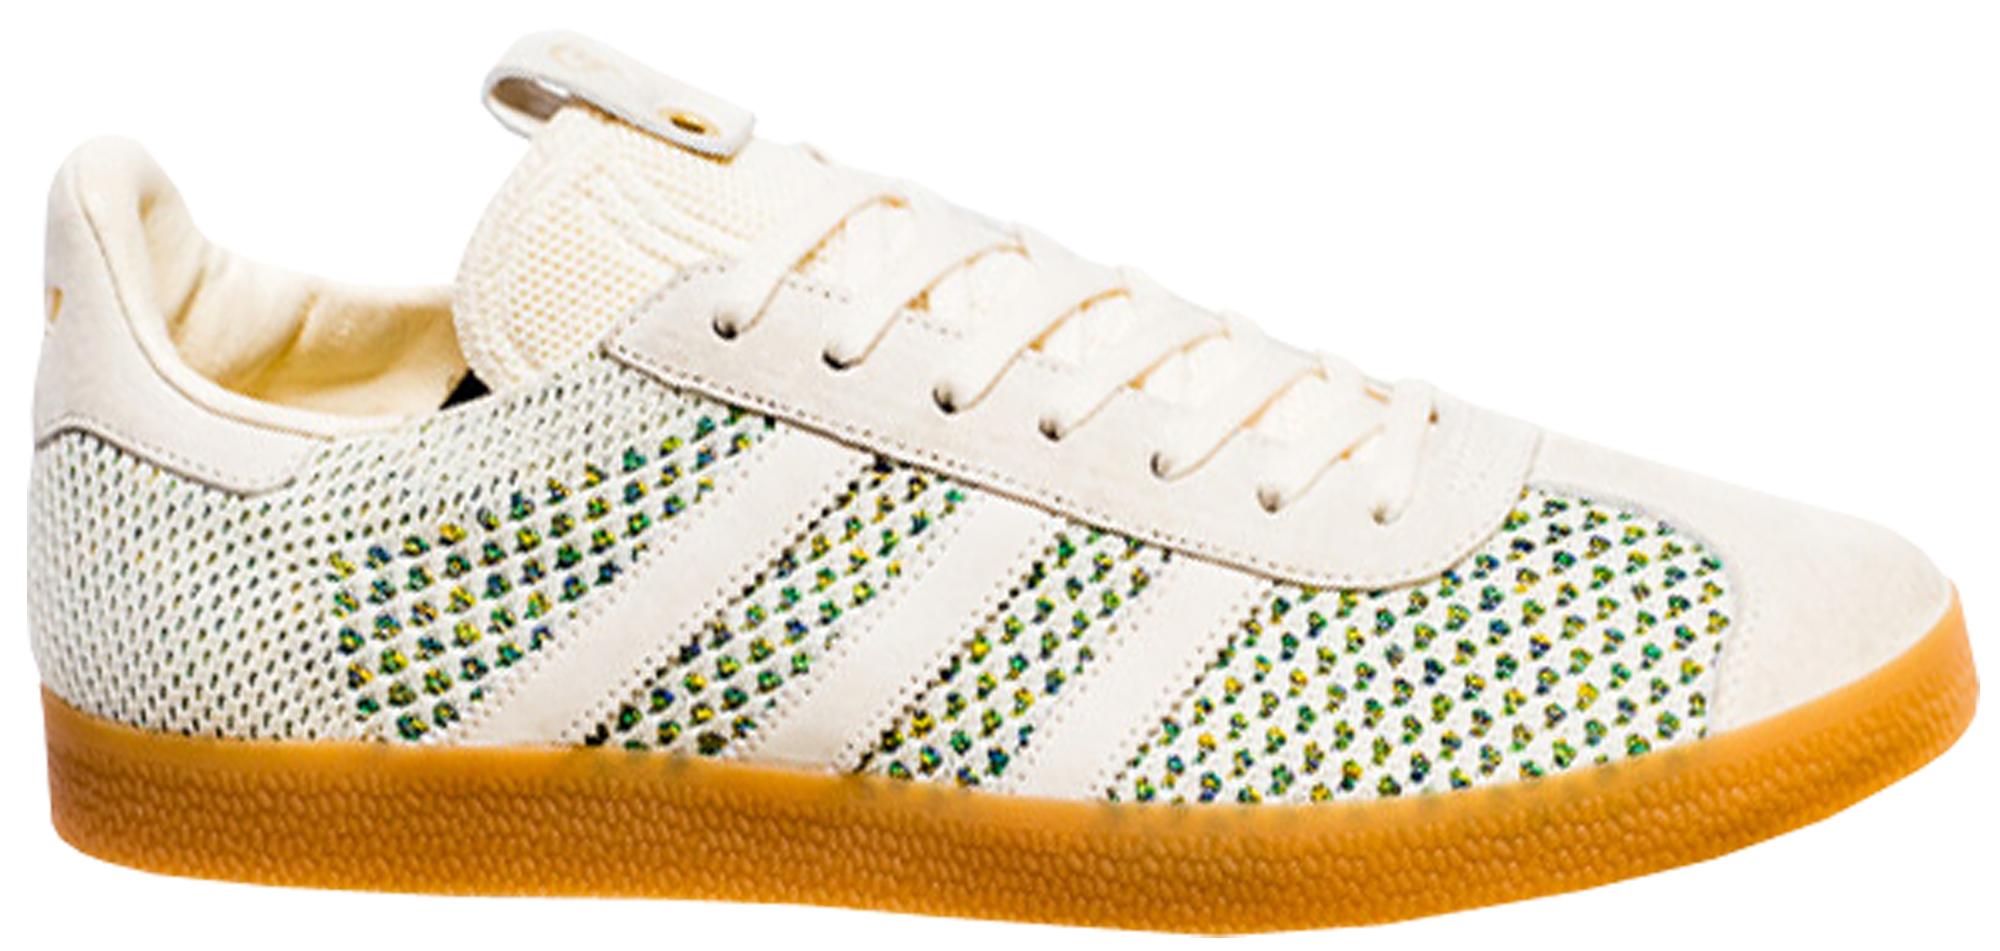 adidas gazelle 2017